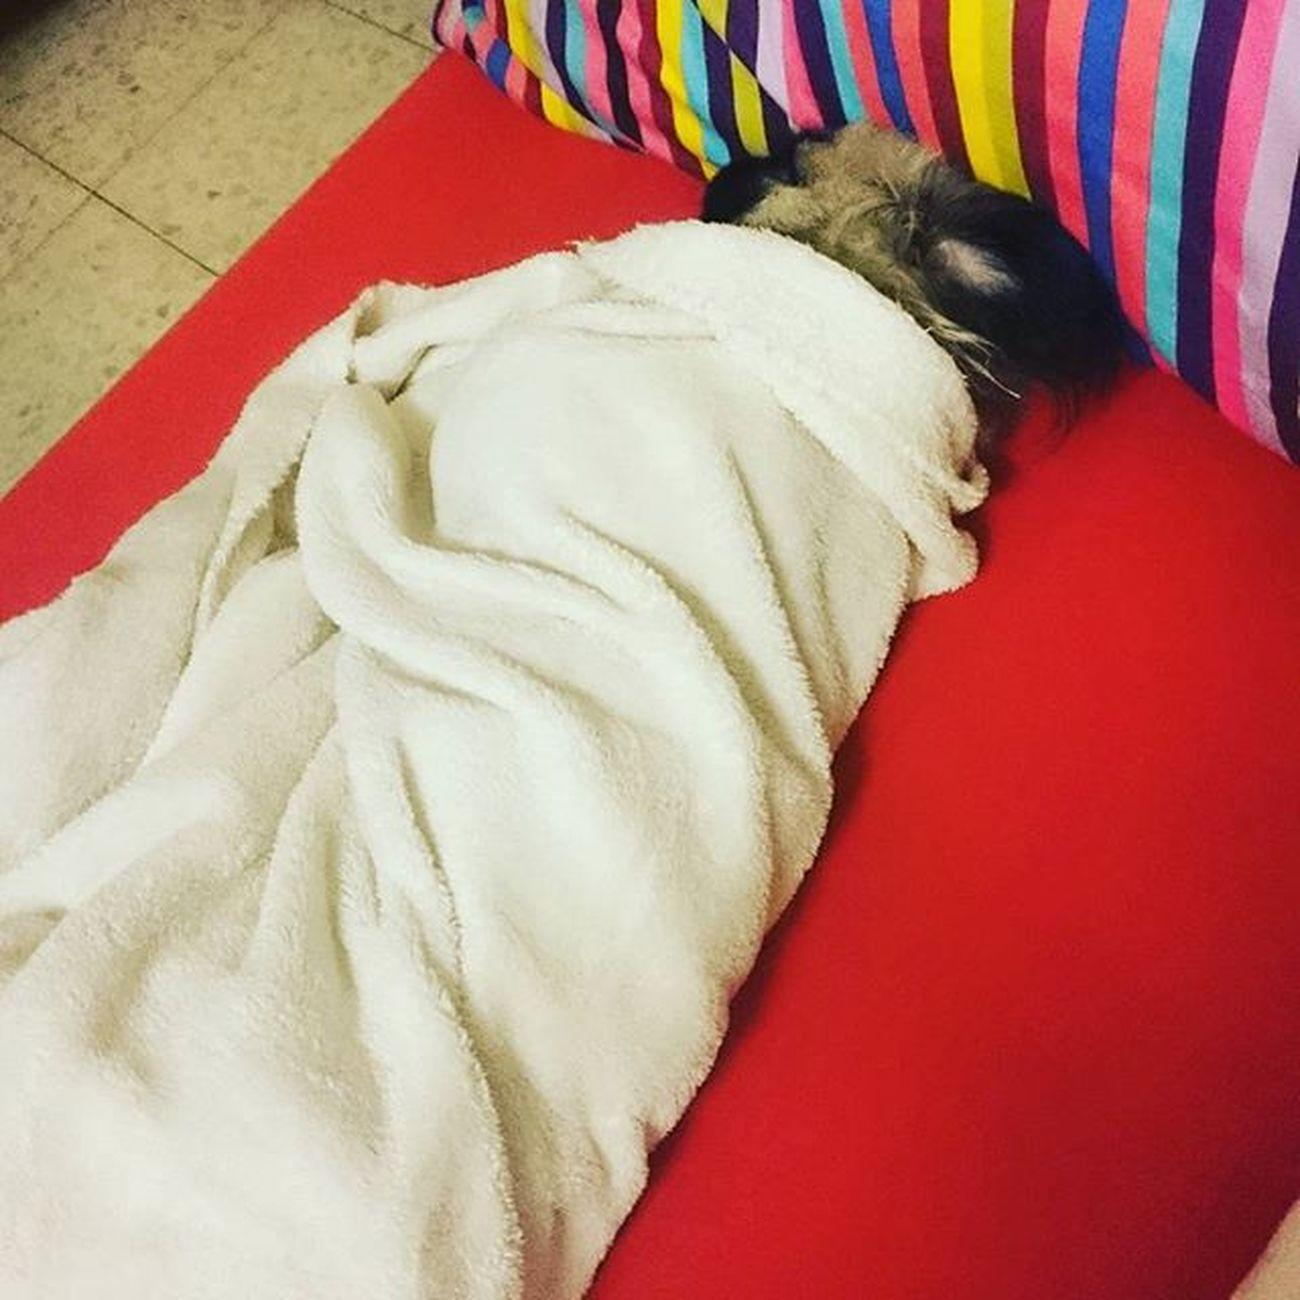 לילה טוב, 😉 לונה שמנה אוהבתאותה